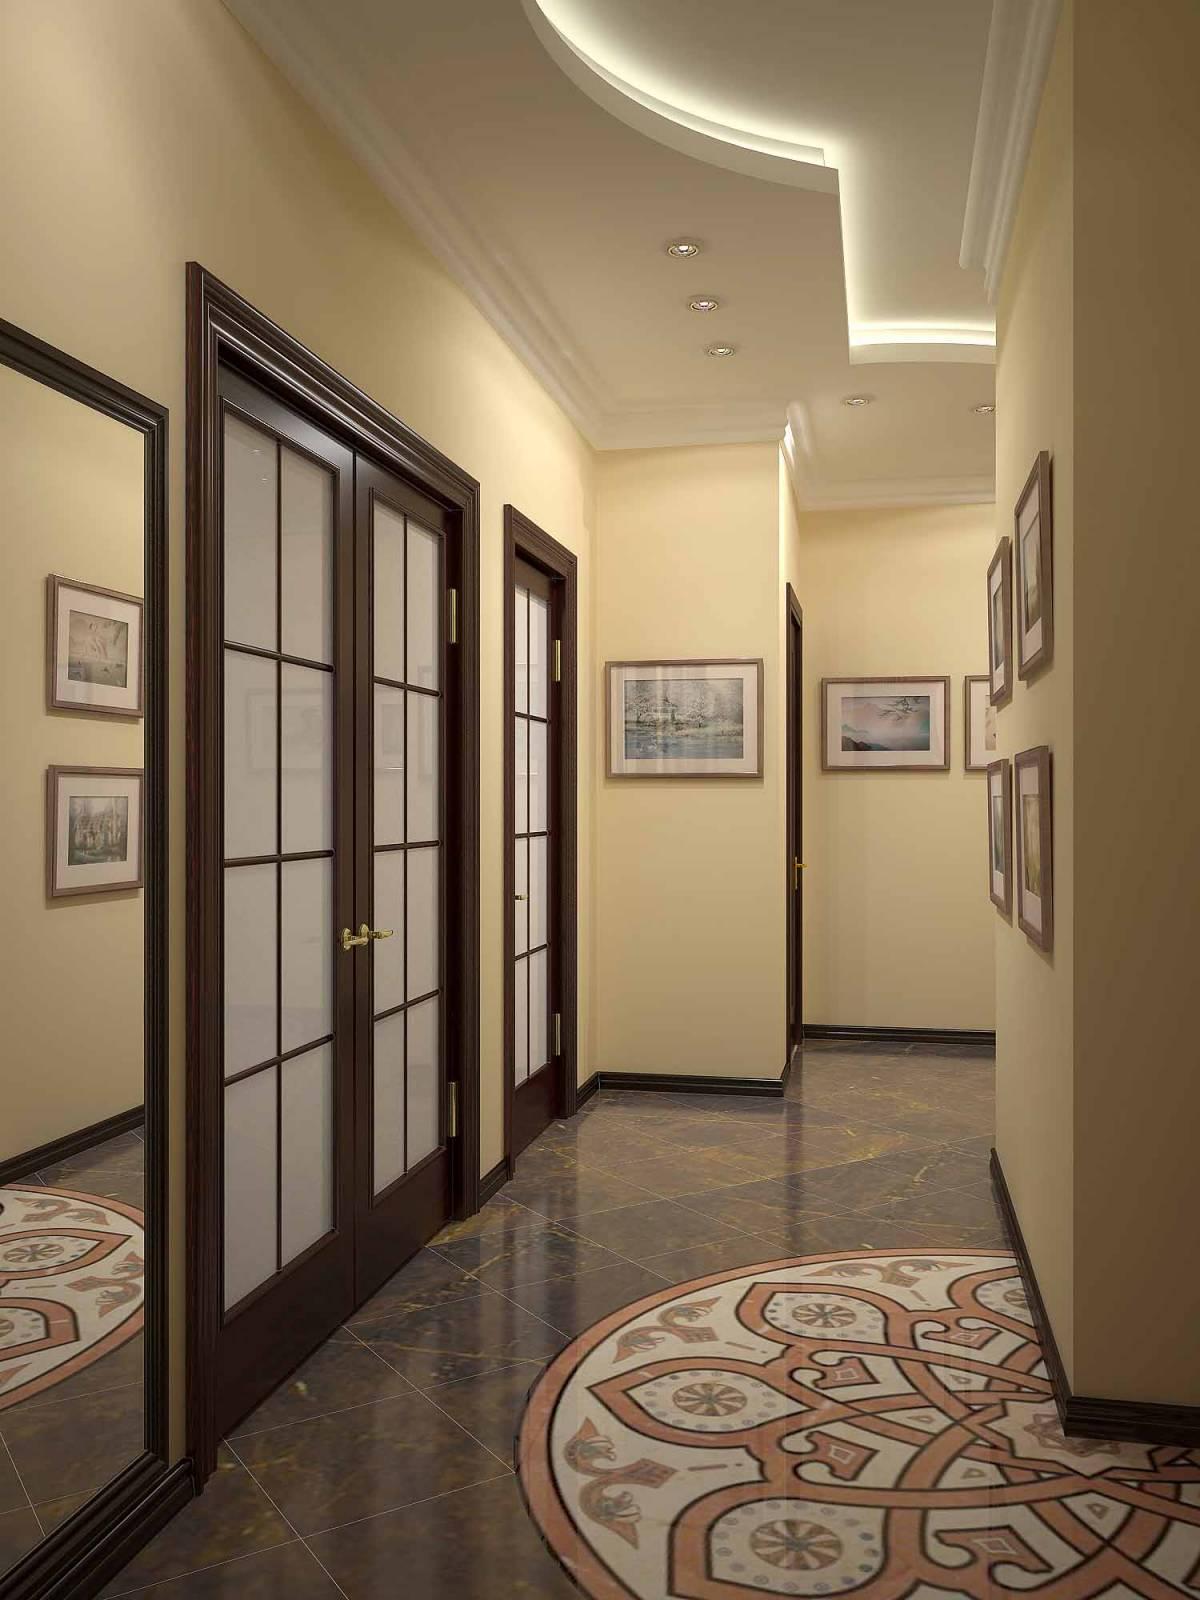 Точечные светильники и подсветка в двухуровневом потолке в коридоре